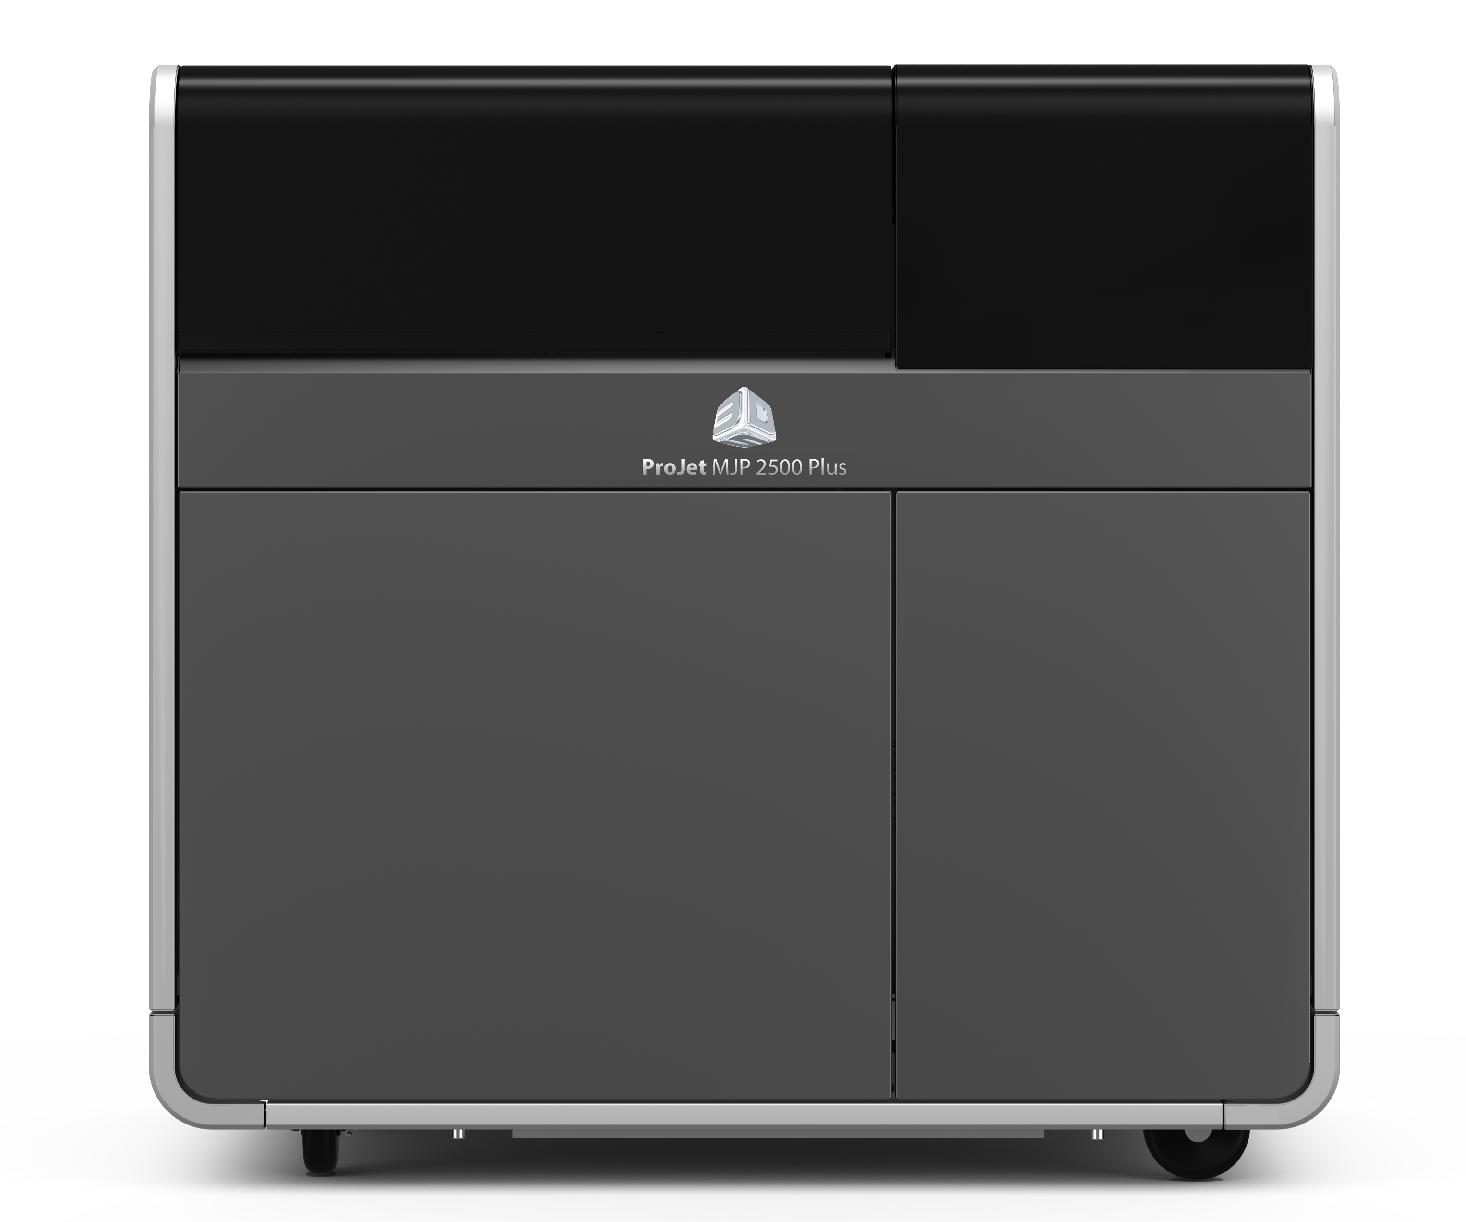 Cad Blu will display its ProJet MJP 2500 Plus 3D printer at IMTS 2018